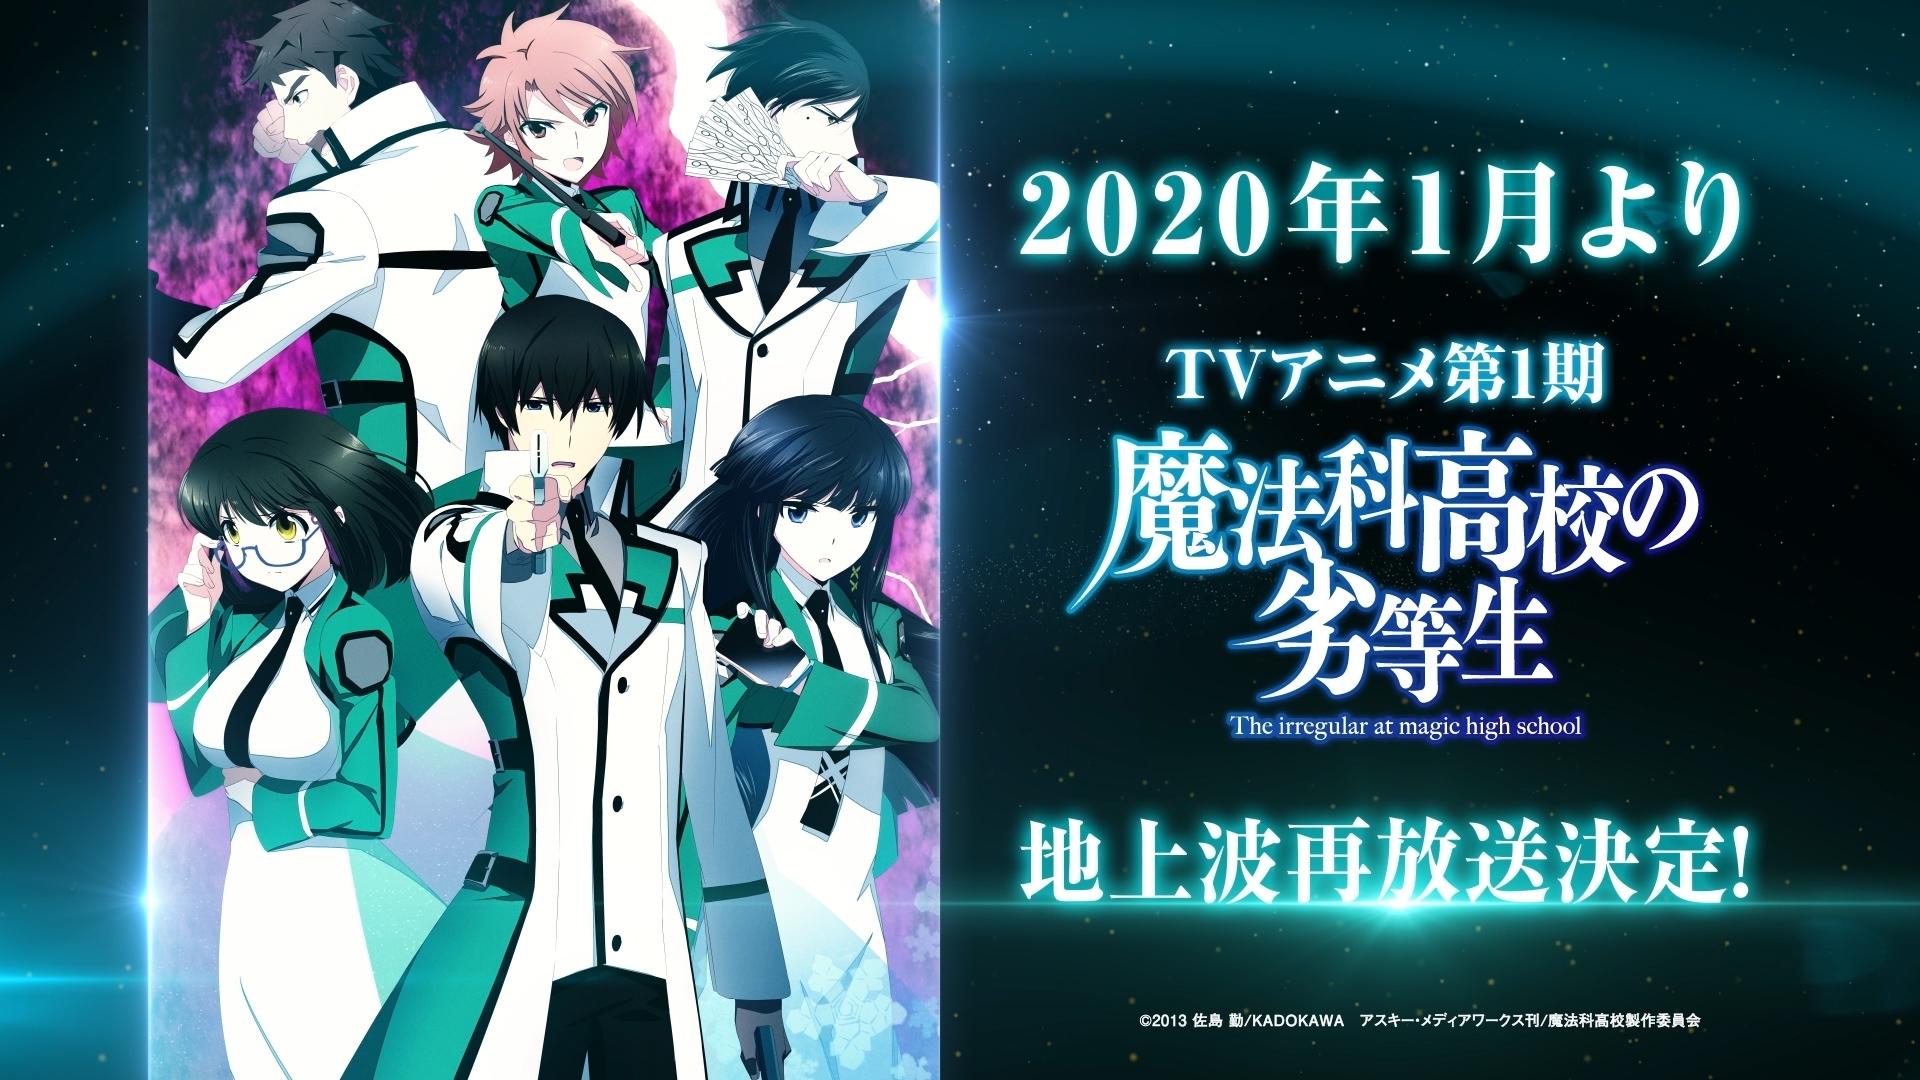 画像 魔法科高校の劣等生 来訪者編 2020年tvアニメ化決定 原作